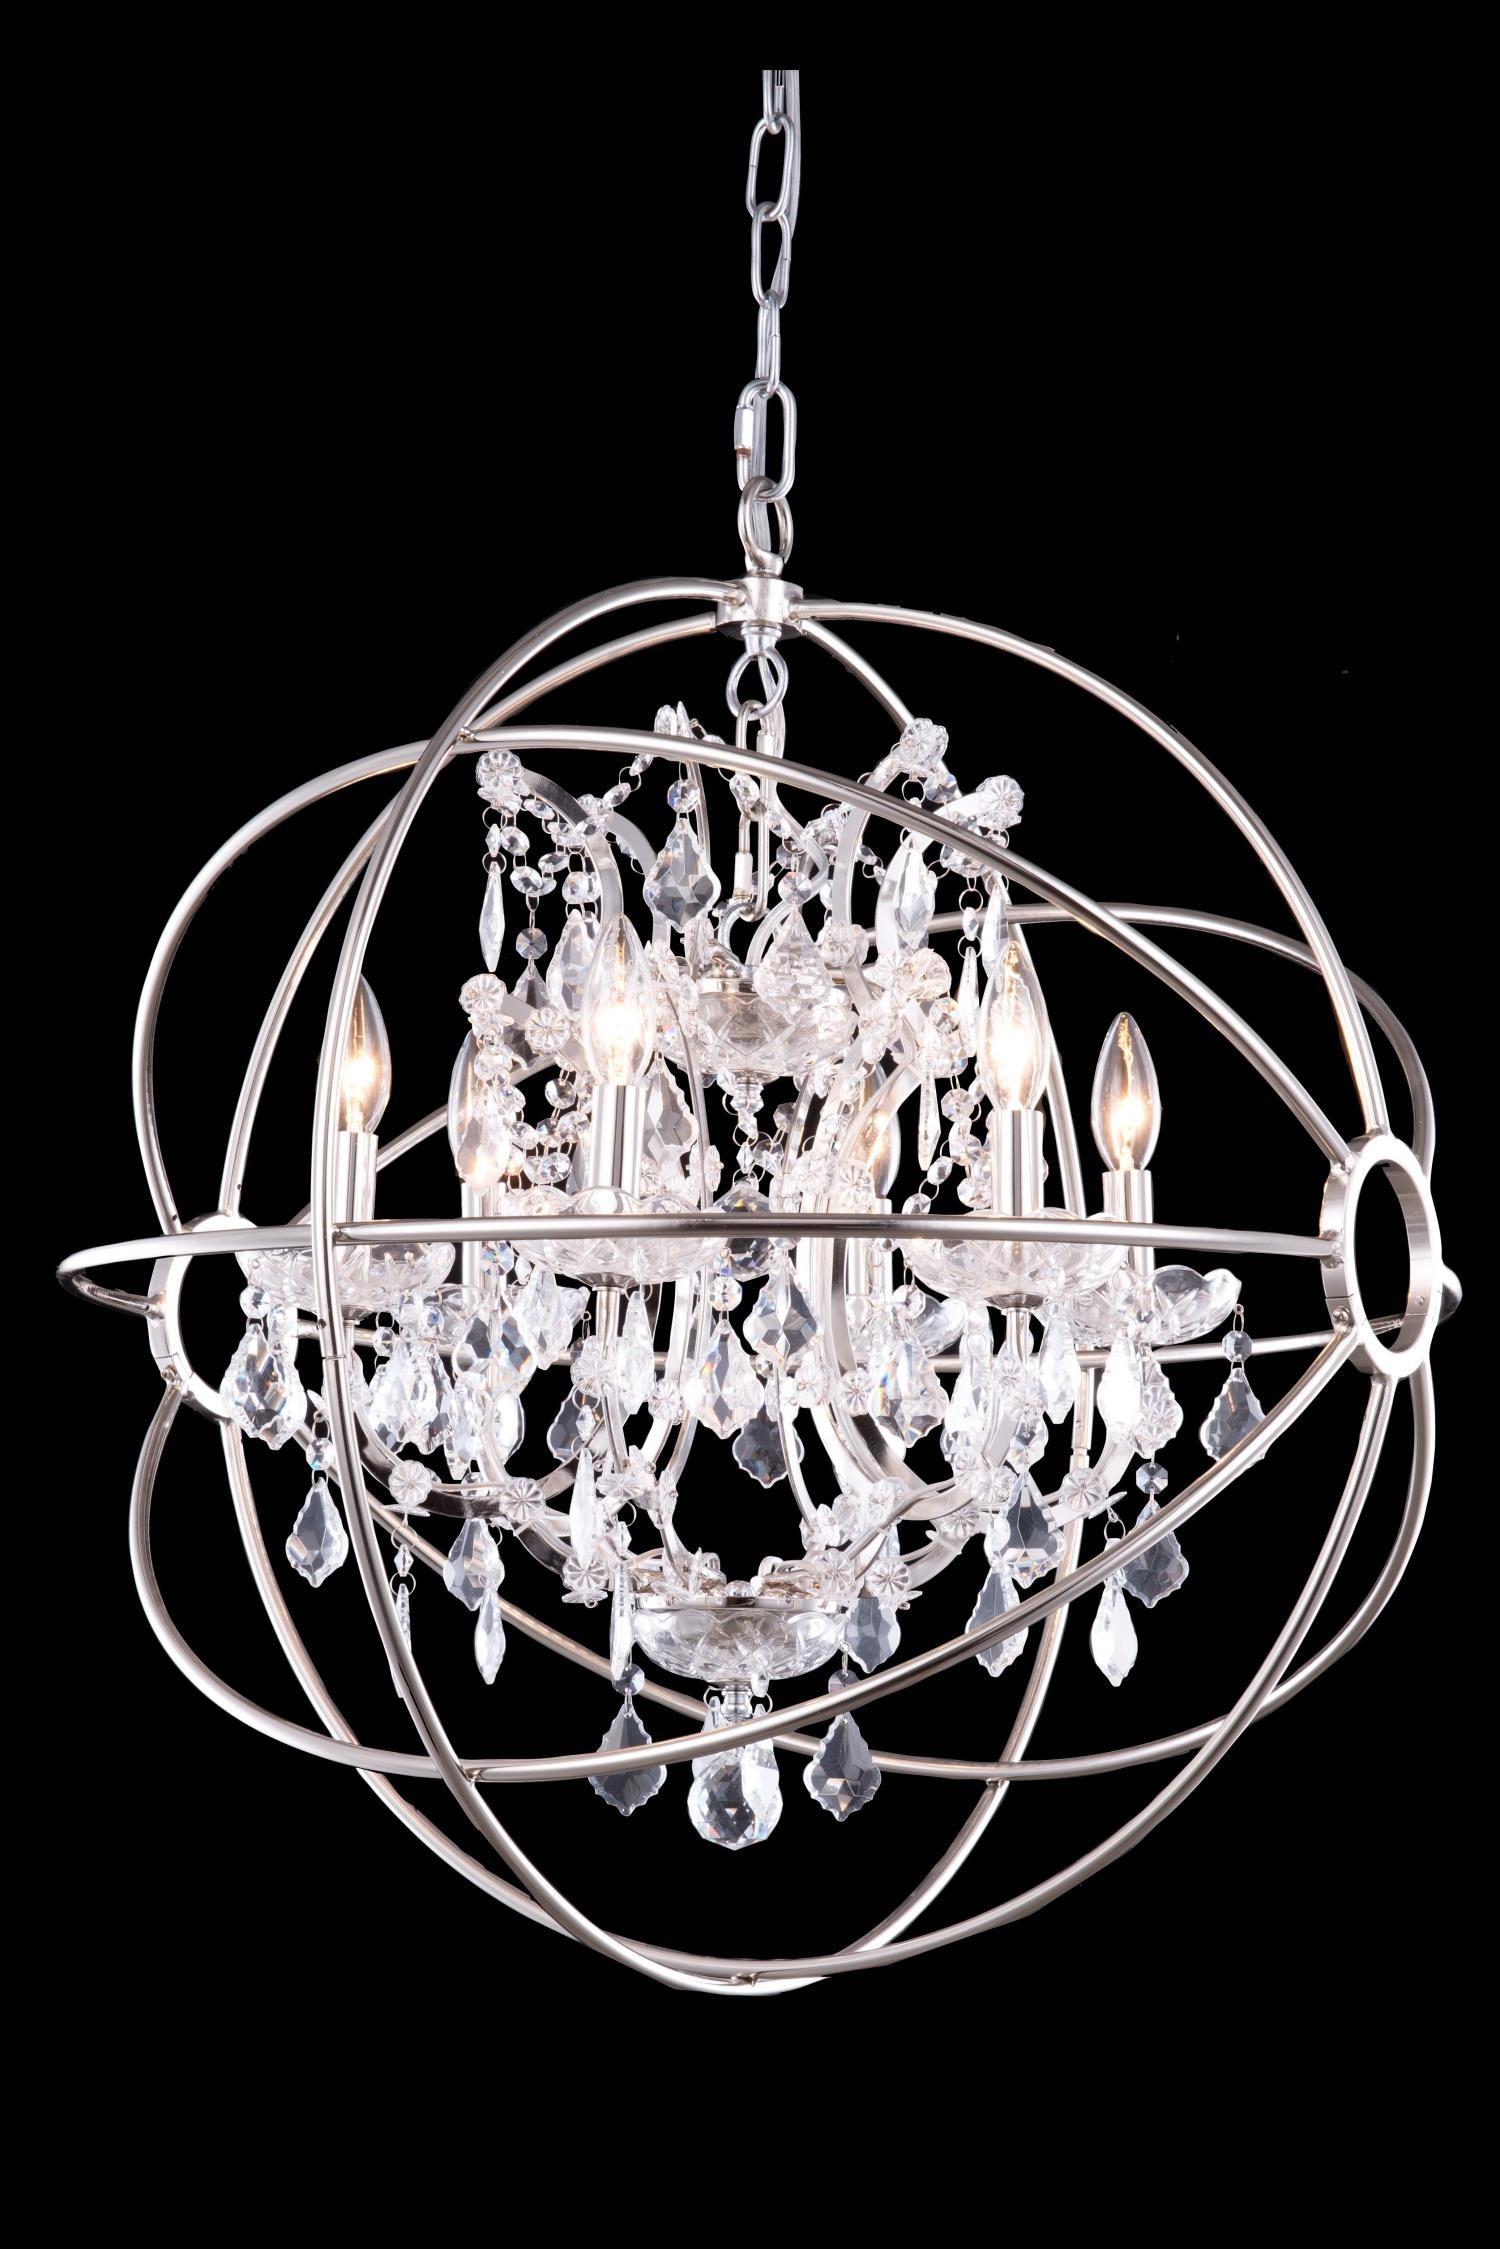 Chandelier Amazing Crystal Globe Chandelier Large Crystal With Regard To Crystal Globe Chandelier (Image 2 of 15)